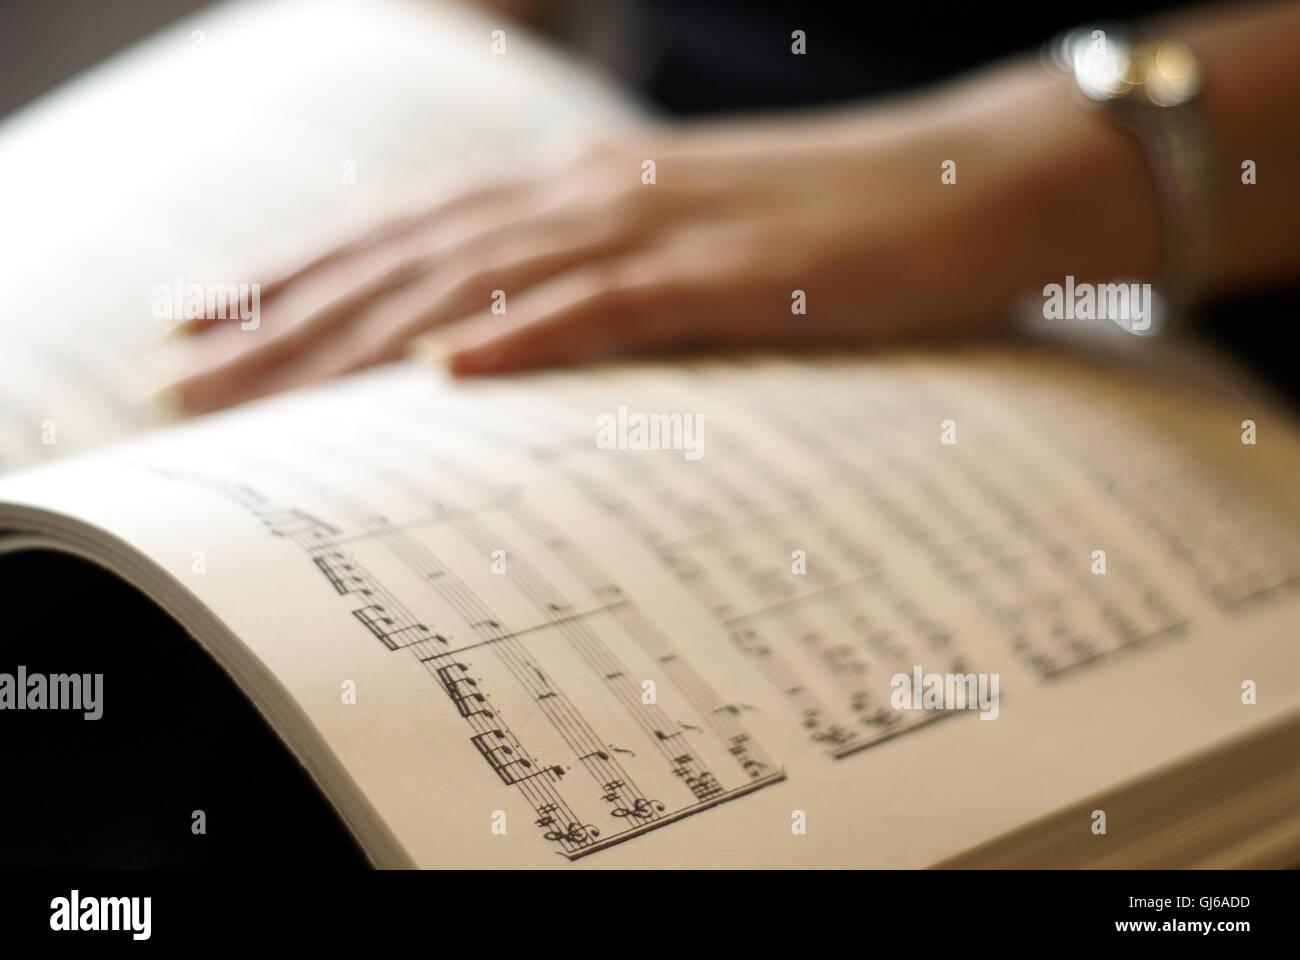 Weibliche Hand auf Partitur buchen Seite Stockbild